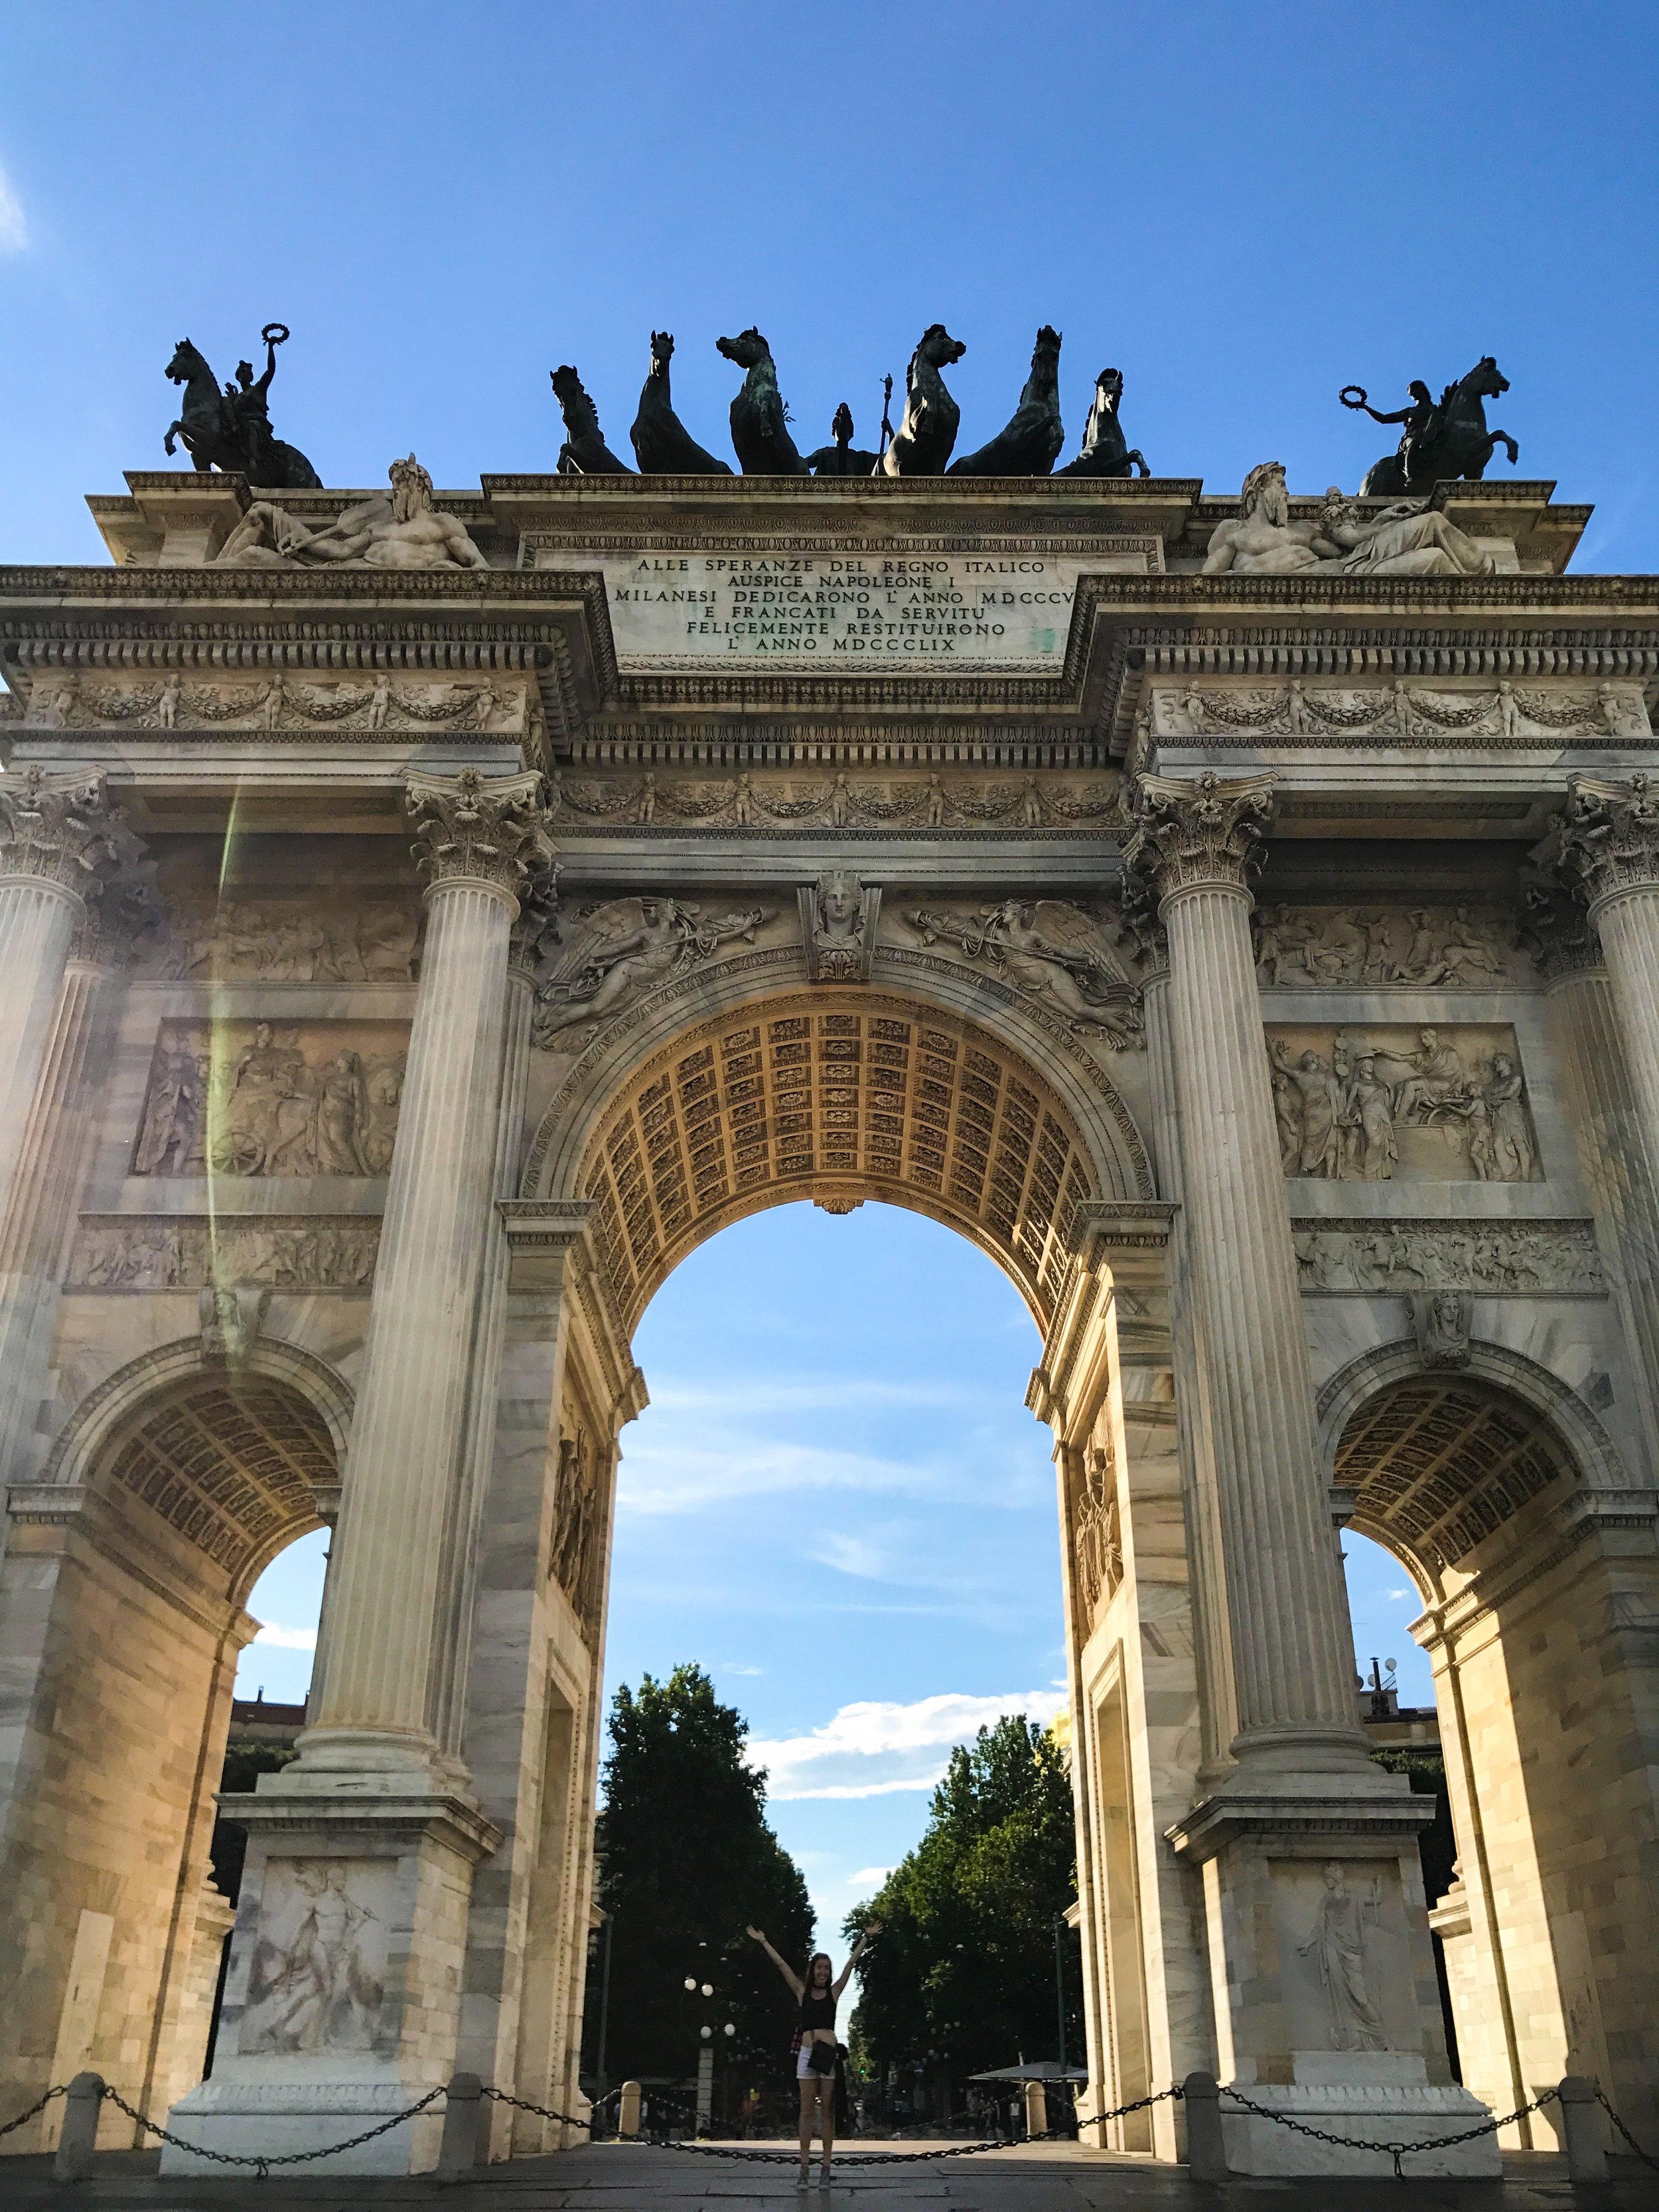 The Arco della Pace